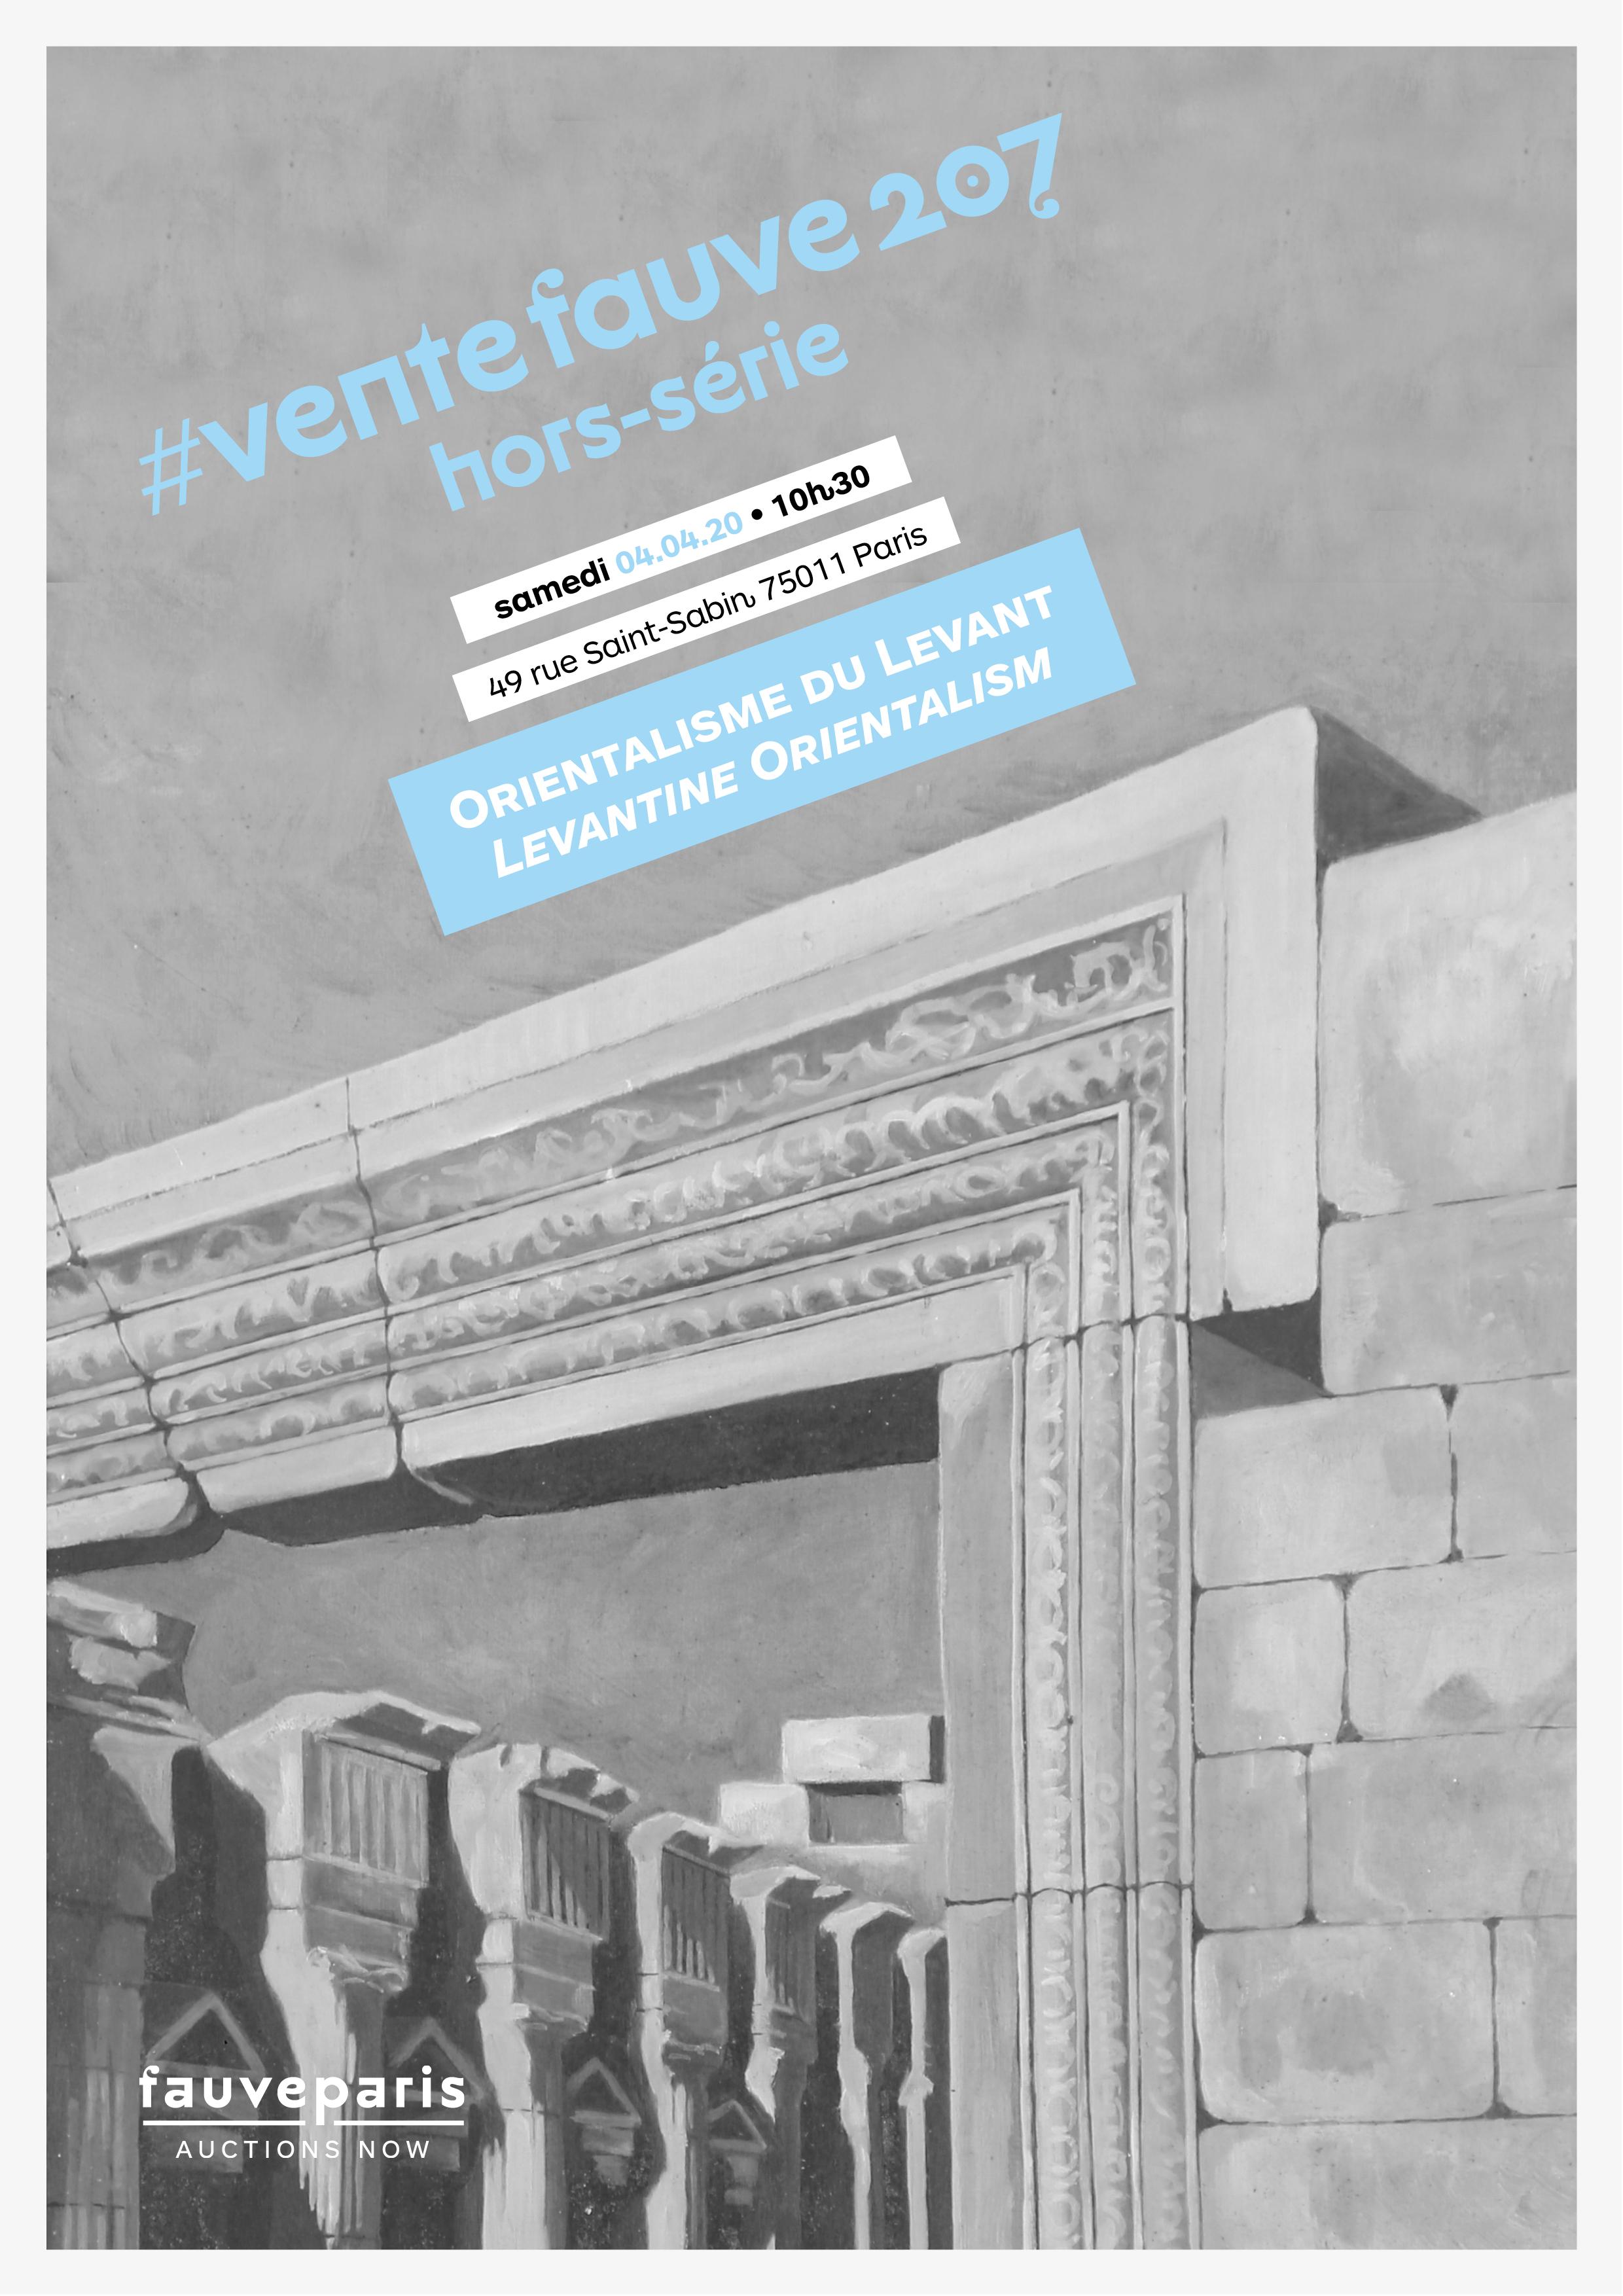 Vente #VenteFauve207 • Hors-Série : Orientalisme du Levant chez FauveParis : 31 lots